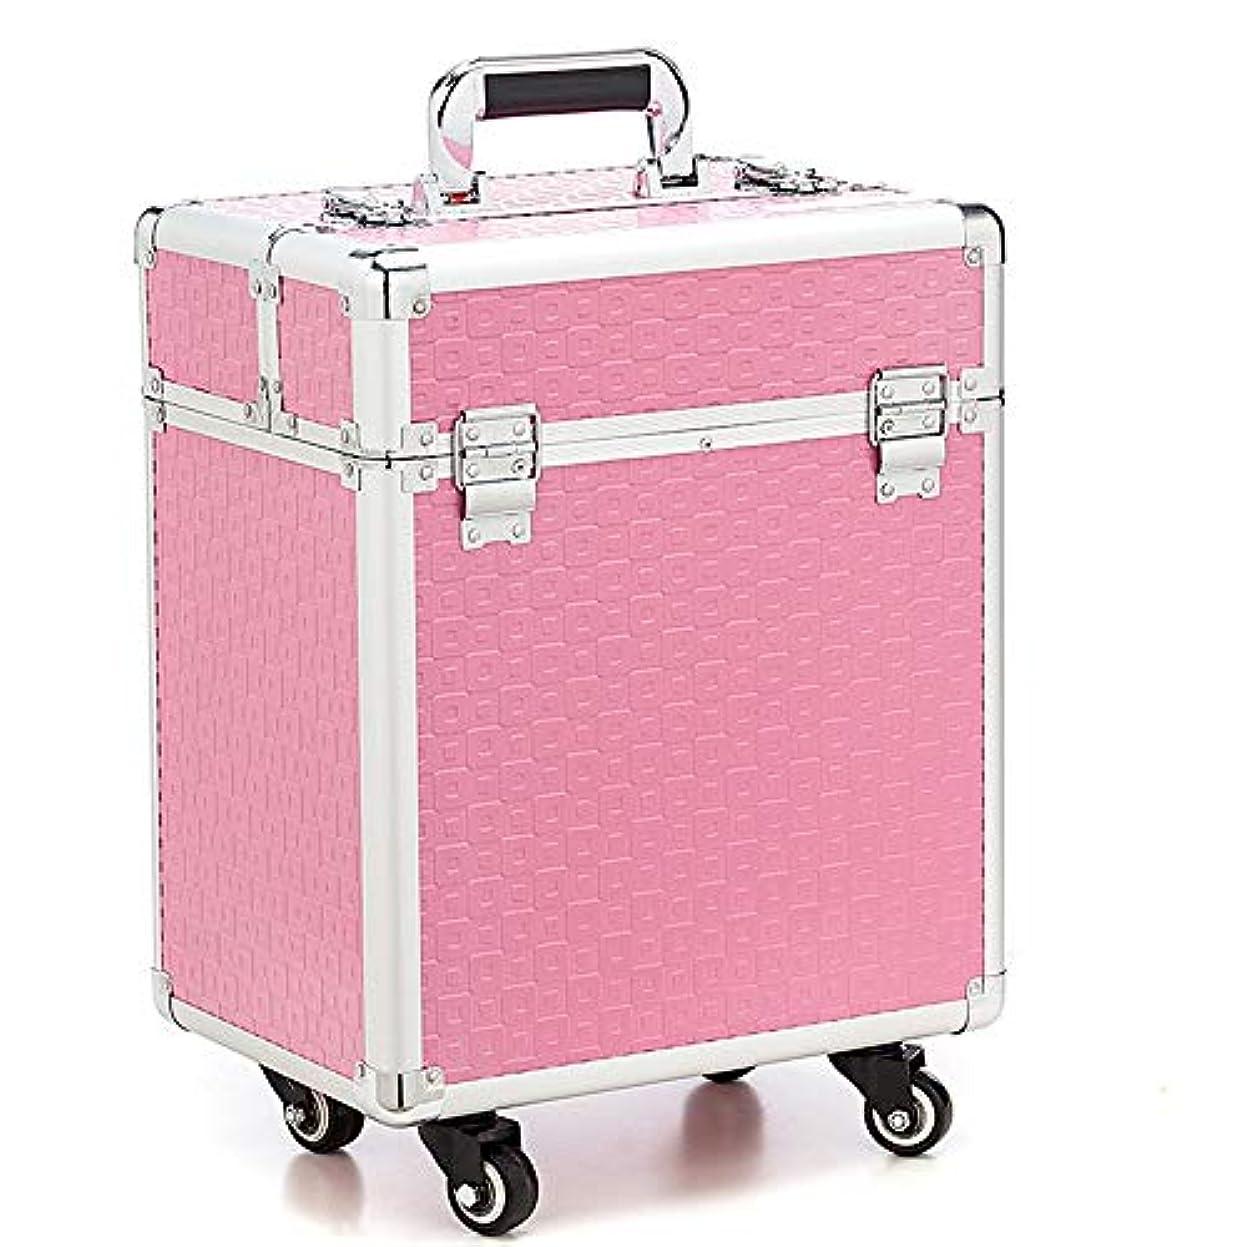 スポンサー伝記意味化粧オーガナイザーバッグ 360度ホイール3イン1プロフェッショナルアルミアーティストローリングトロリーメイクトレインケース化粧品オーガナイザー収納ボックス用ティーンガールズ女性アーティスト 化粧品ケース (色 : ピンク)